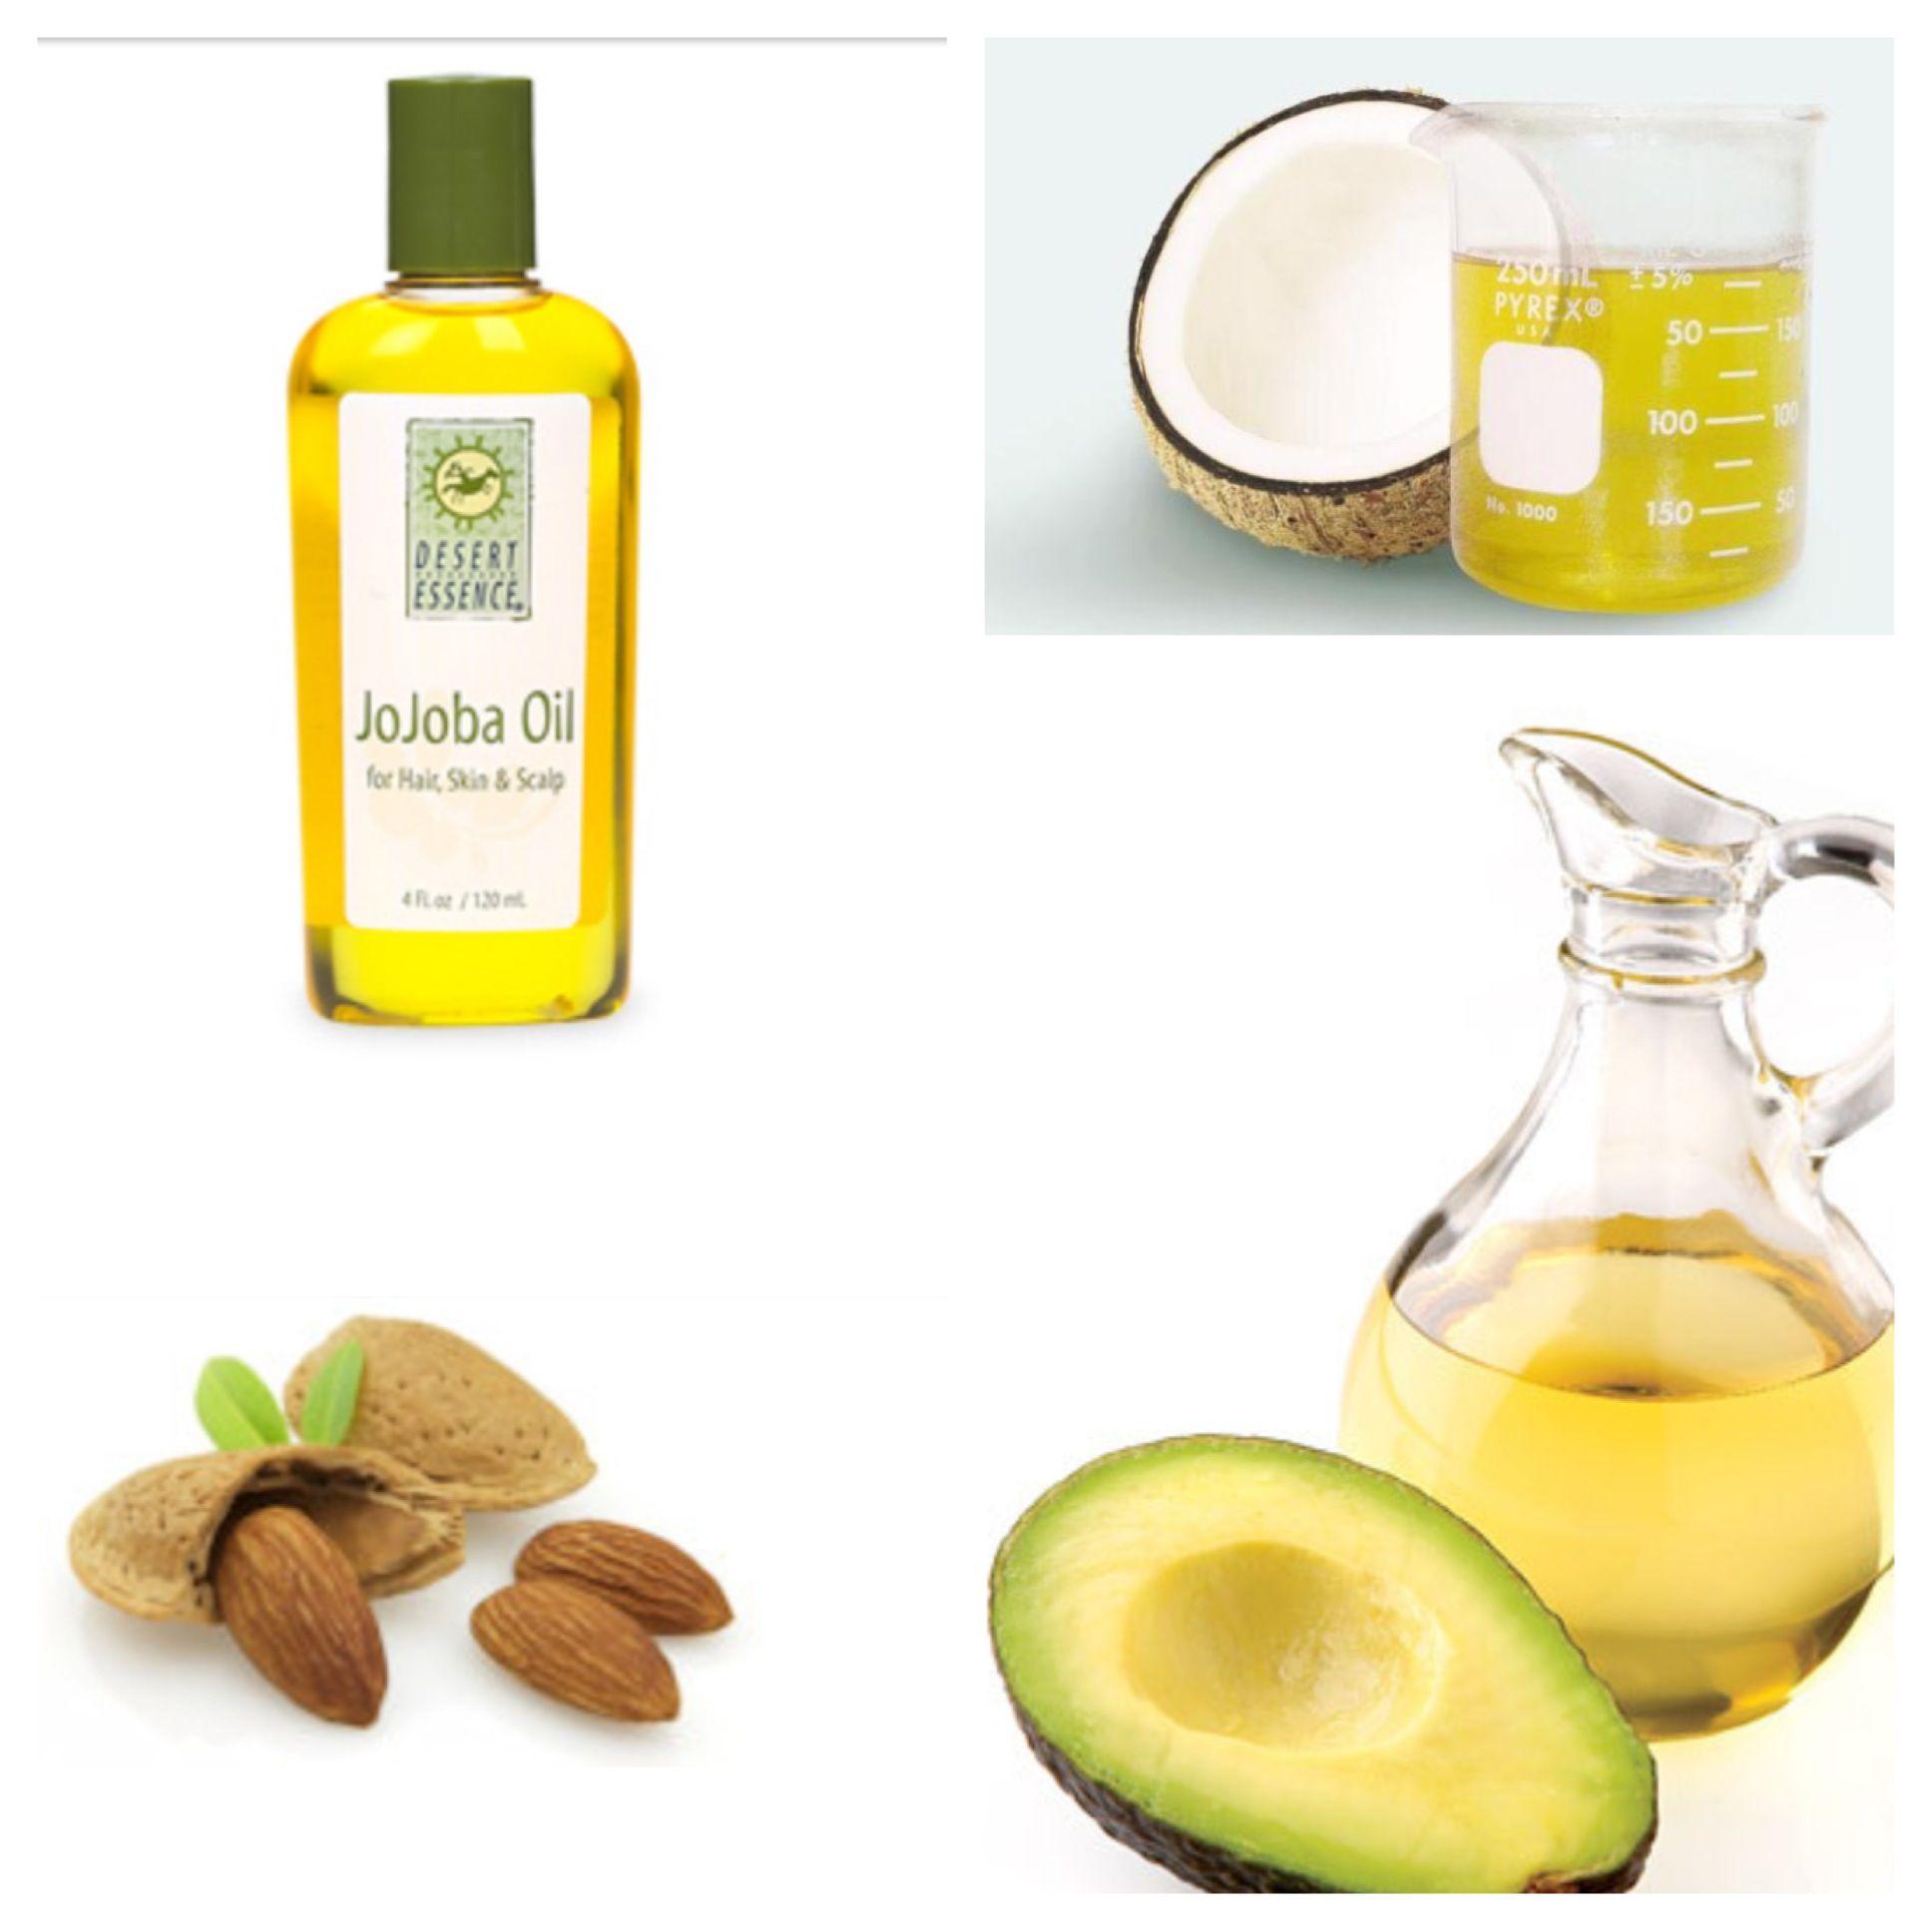 Homemade Hot Oil Treatment: Mix 1 tbsp. of sweet almond oil, 1 tbsp